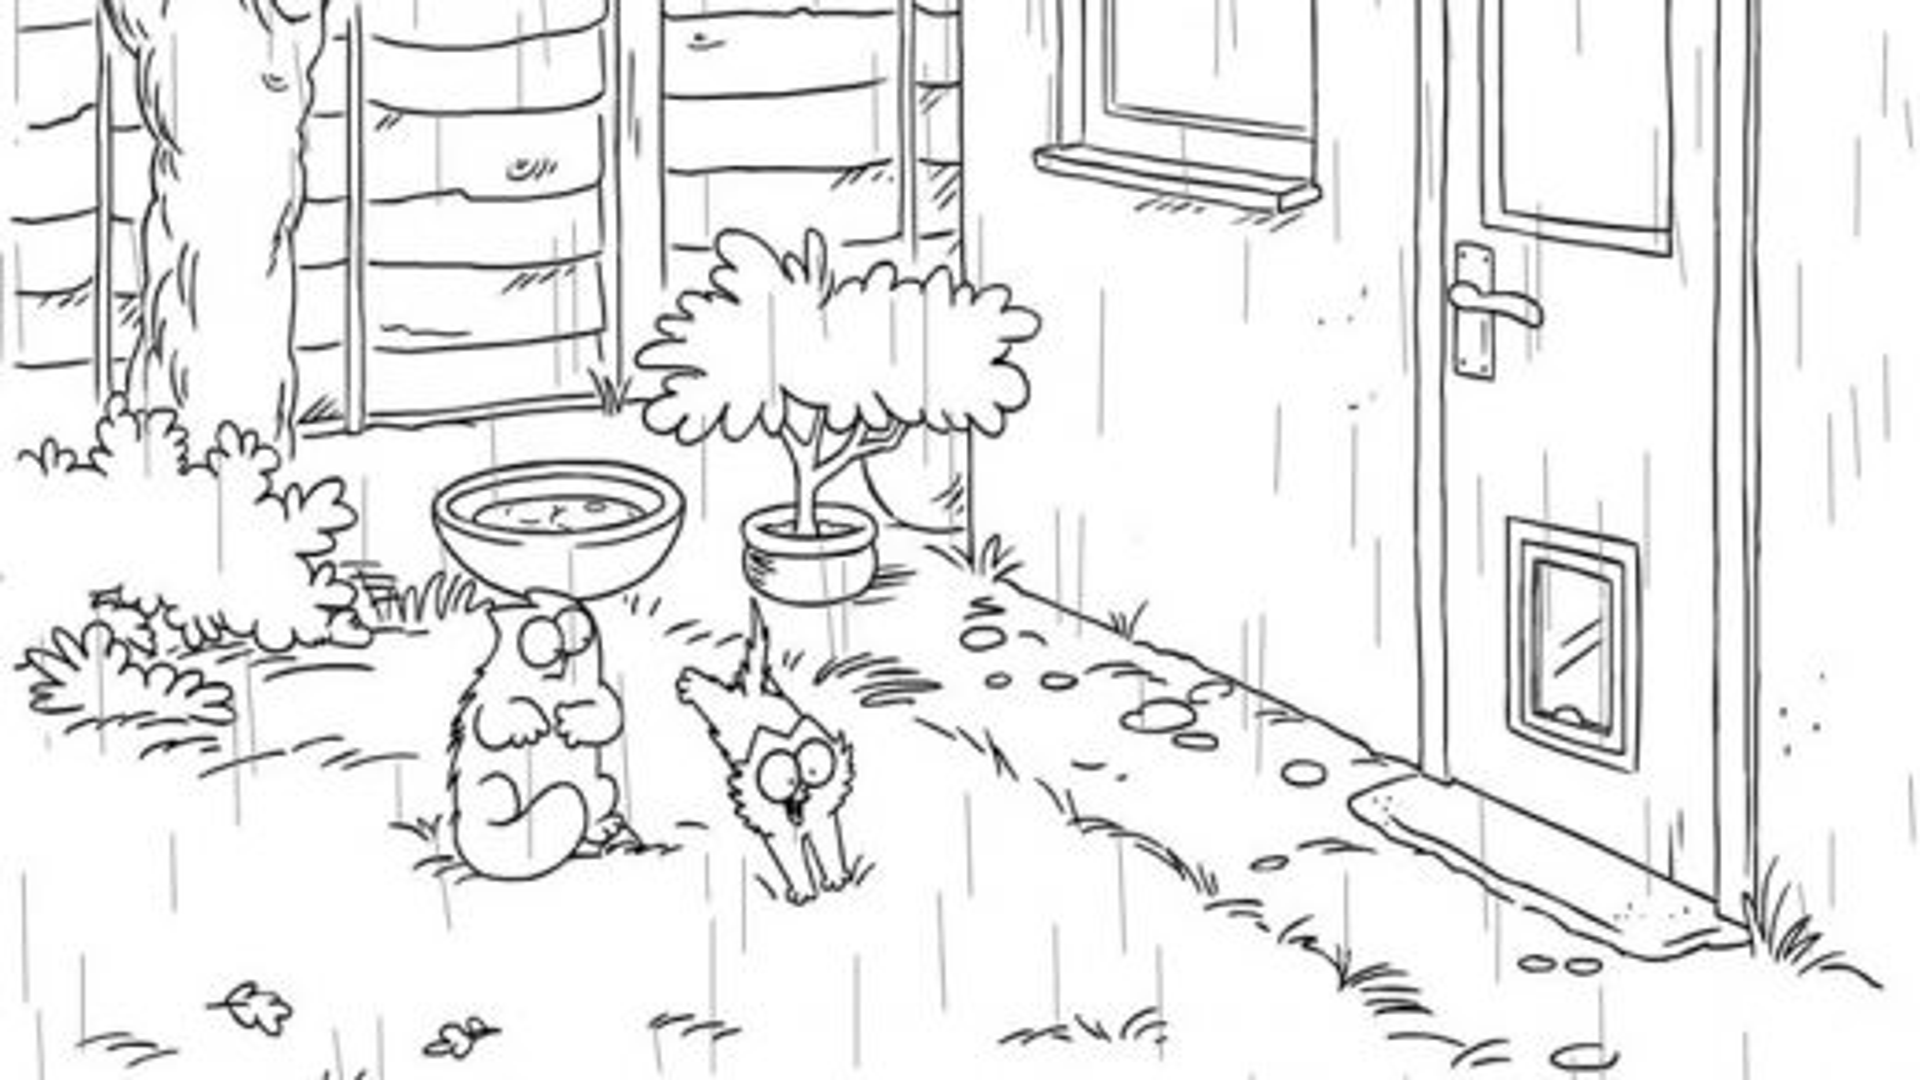 انیمیشن گربه سایمون؛ این قسمت دوش گرفتن بهاری | فیلم